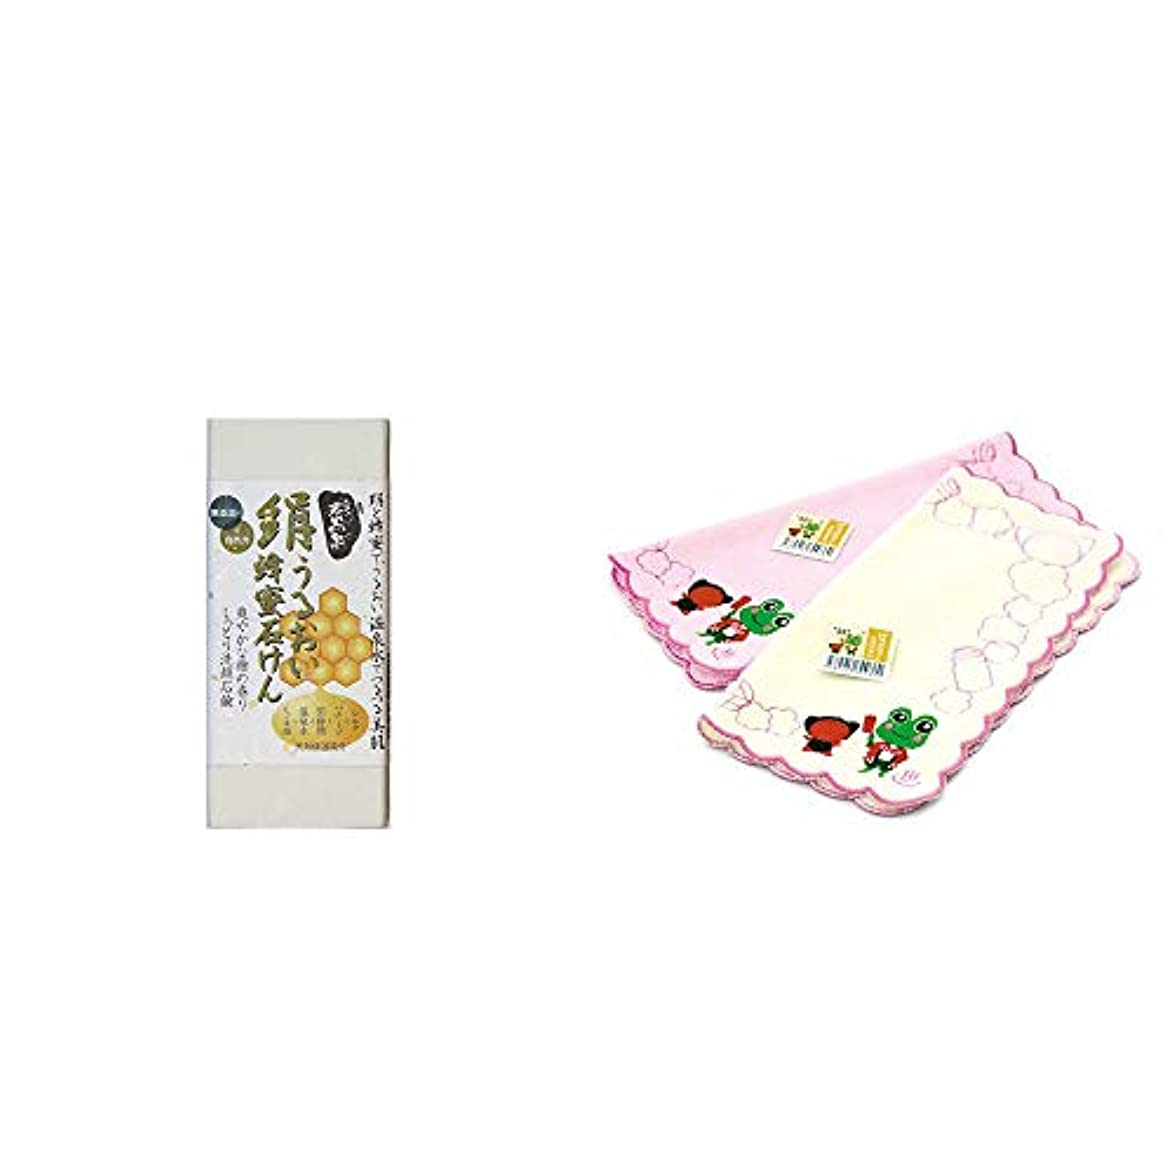 持っている印をつける衛星[2点セット] ひのき炭黒泉 絹うるおい蜂蜜石けん(75g×2)?下呂温泉限定 さるぼぼ&げろぐるくん ふわふわタオルハンカチ【ピンク】